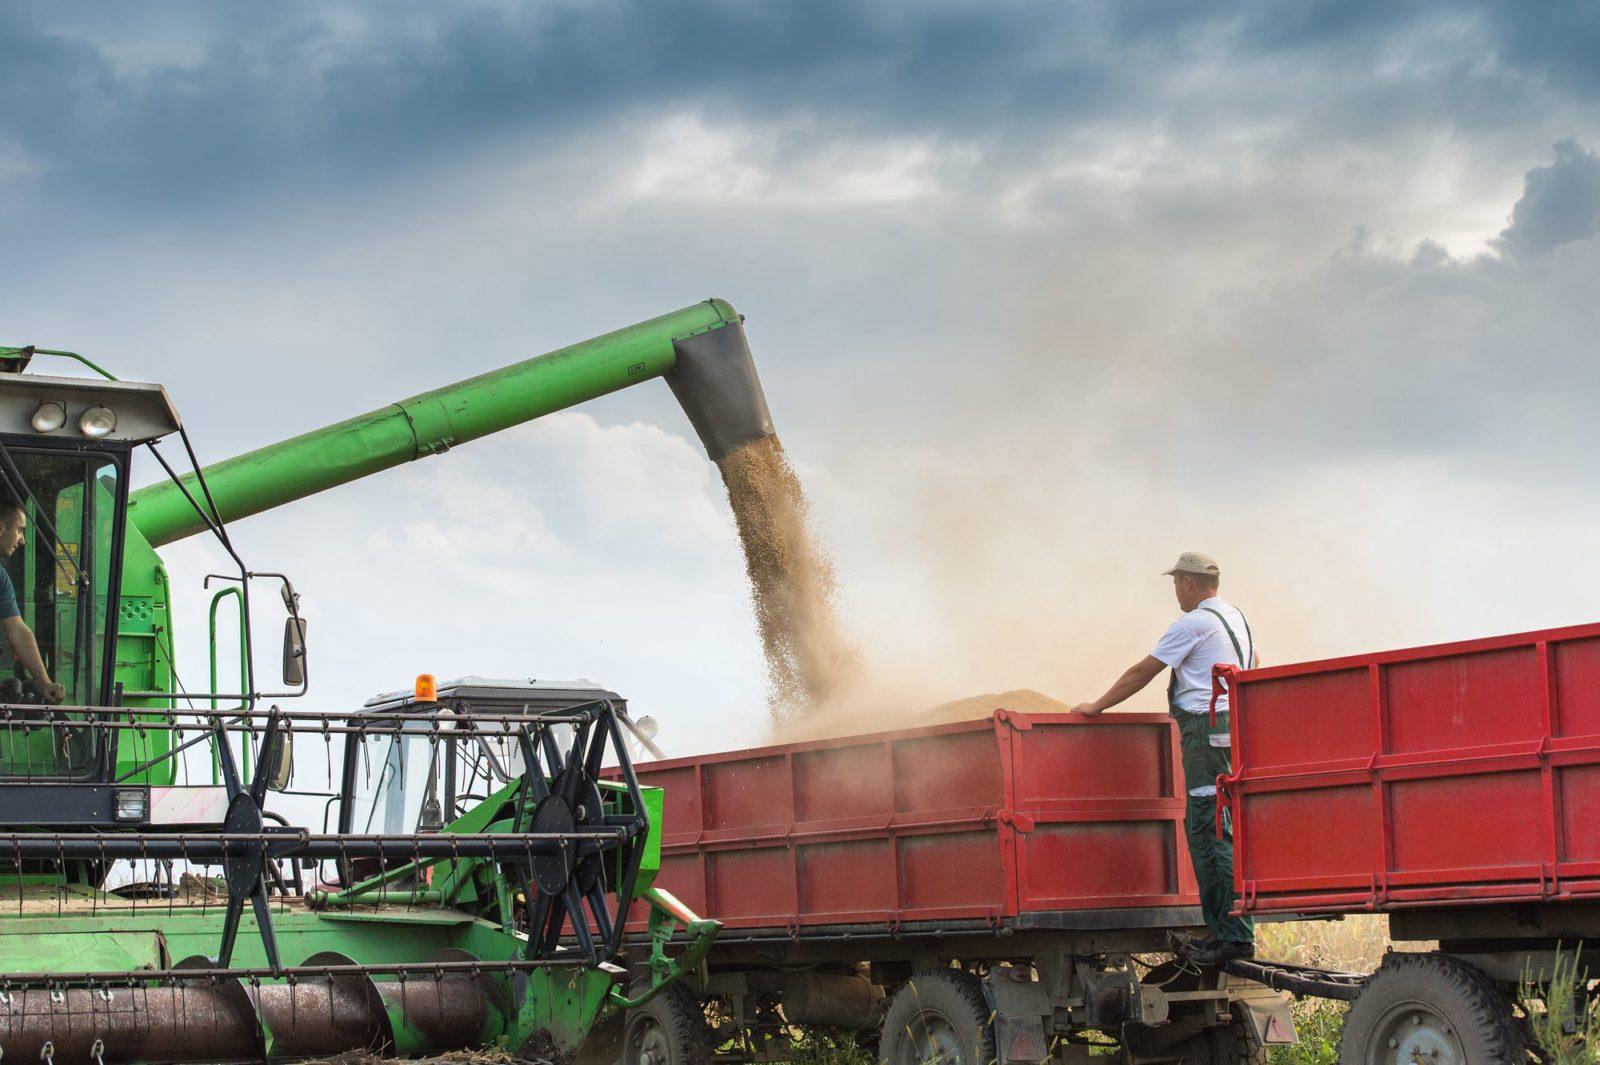 Insumos agrícolas: saiba aqui como planejar a compra